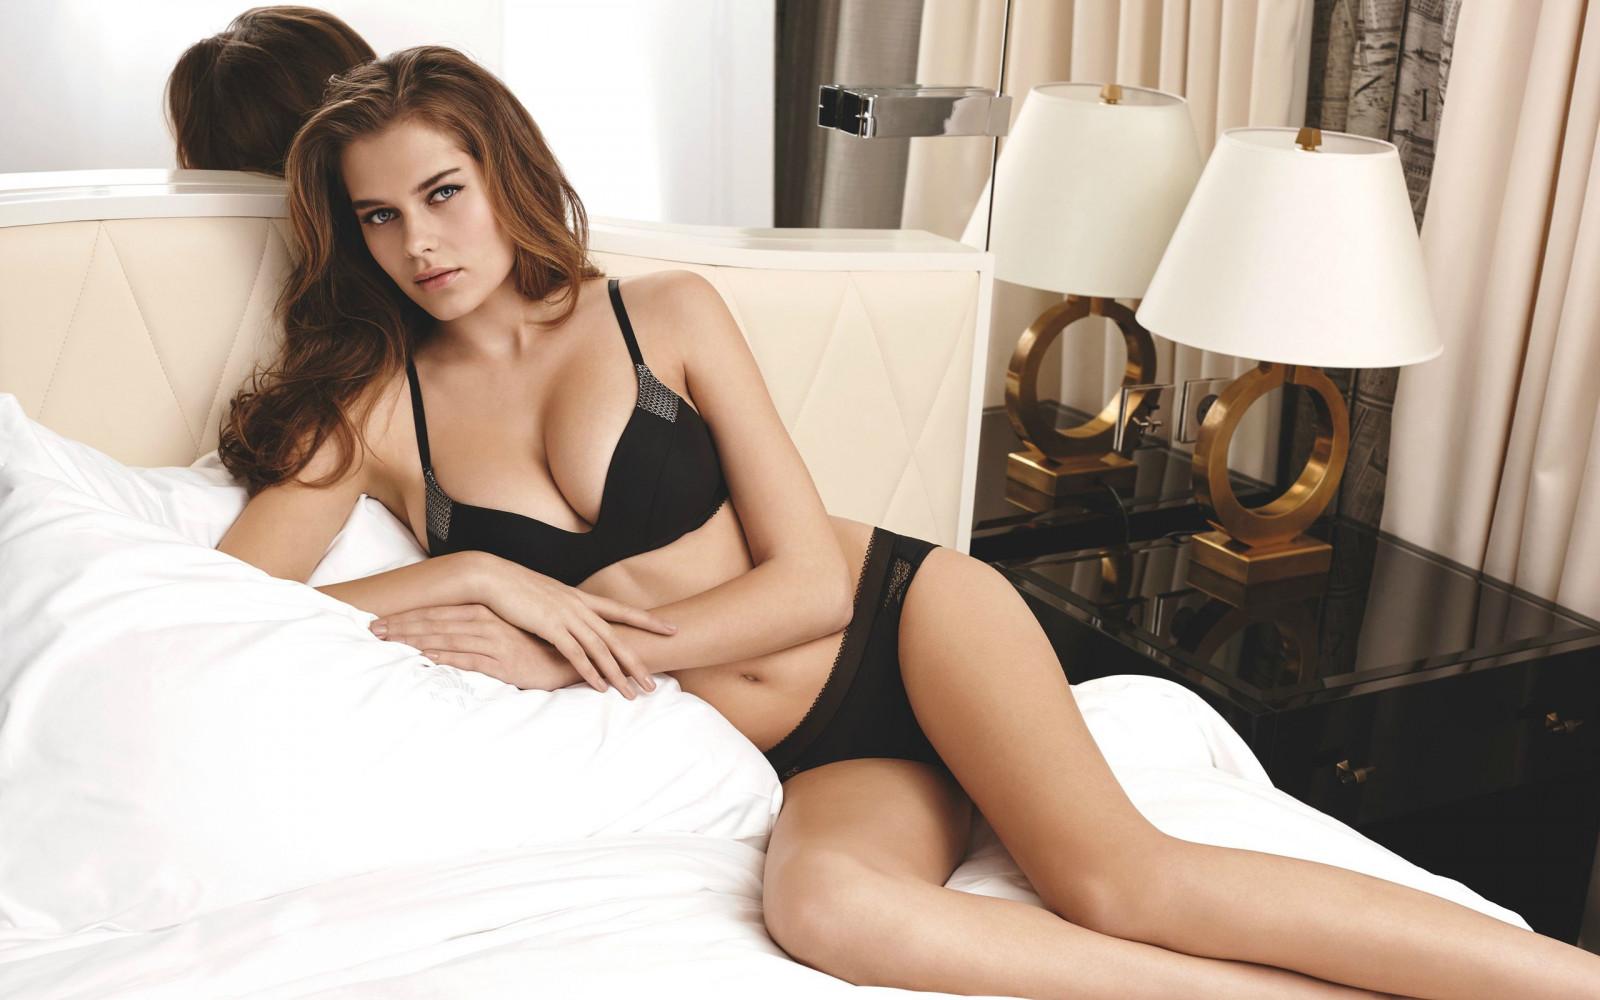 Sfondi donne modello capelli lunghi brunetta a letto capelli neri sfaldamento reggiseno - Foto di donne sul letto ...